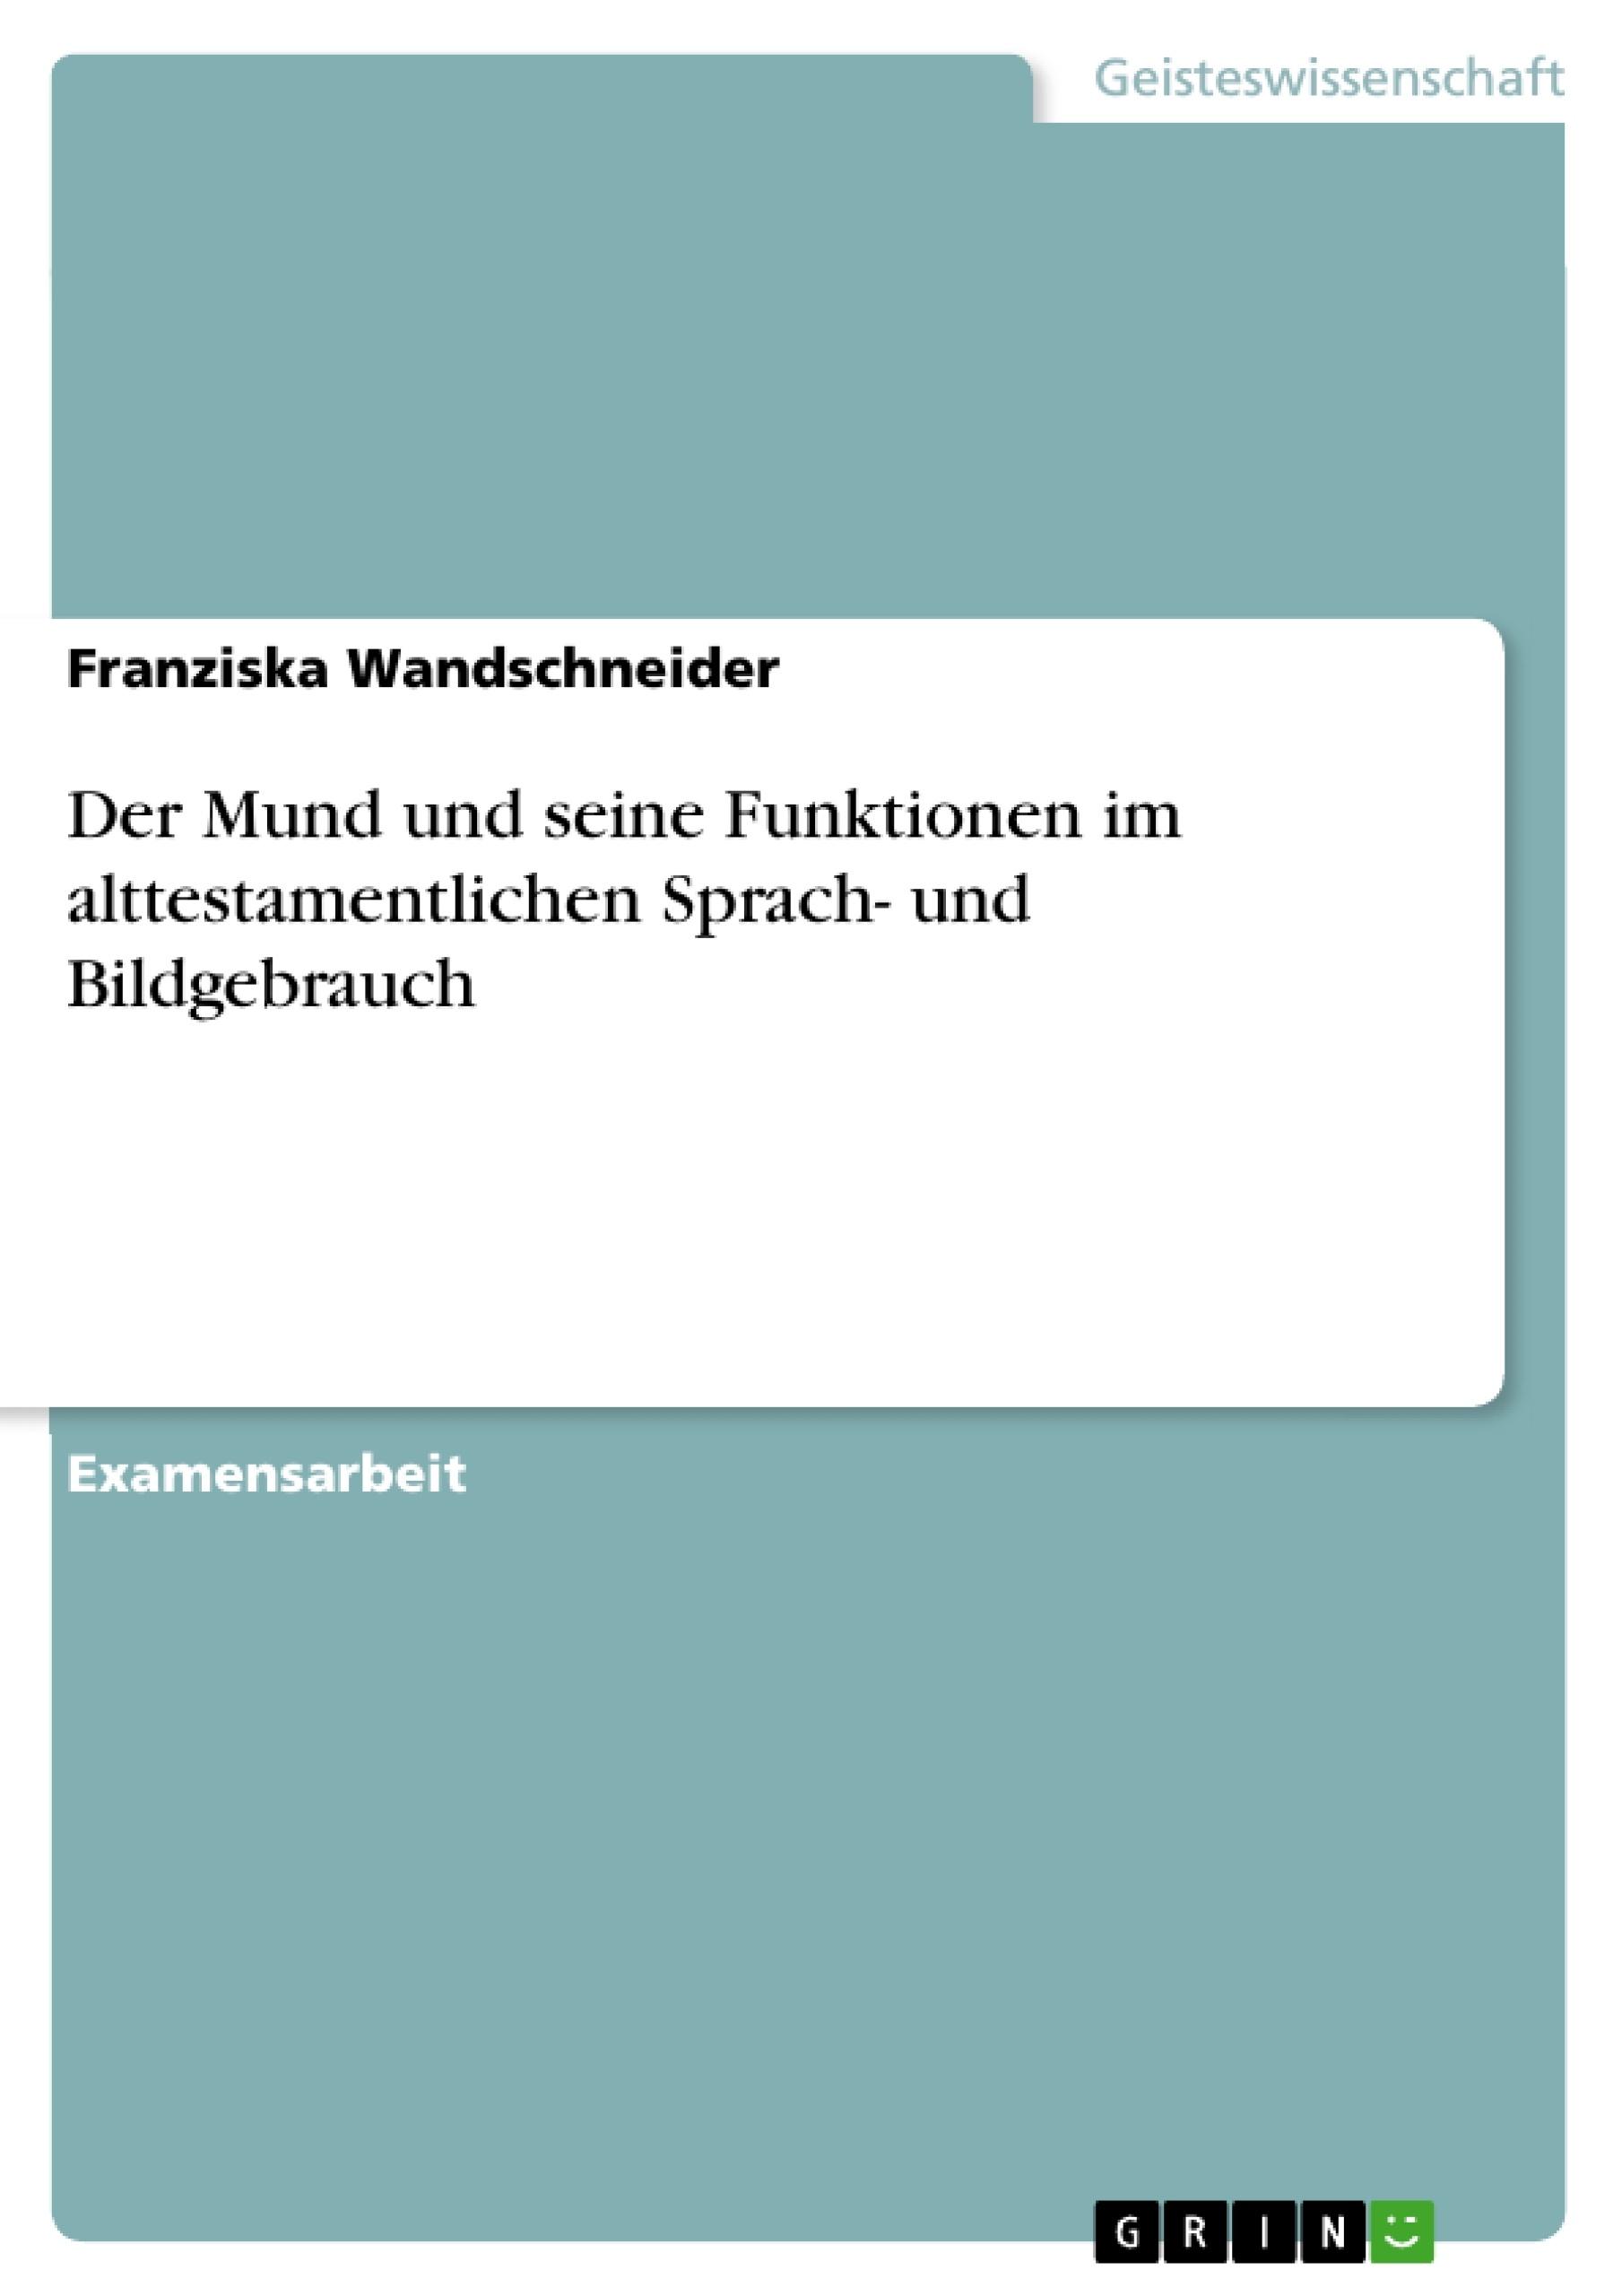 Der Mund und seine Funktionen im alttestamentlichen Sprach- und ...